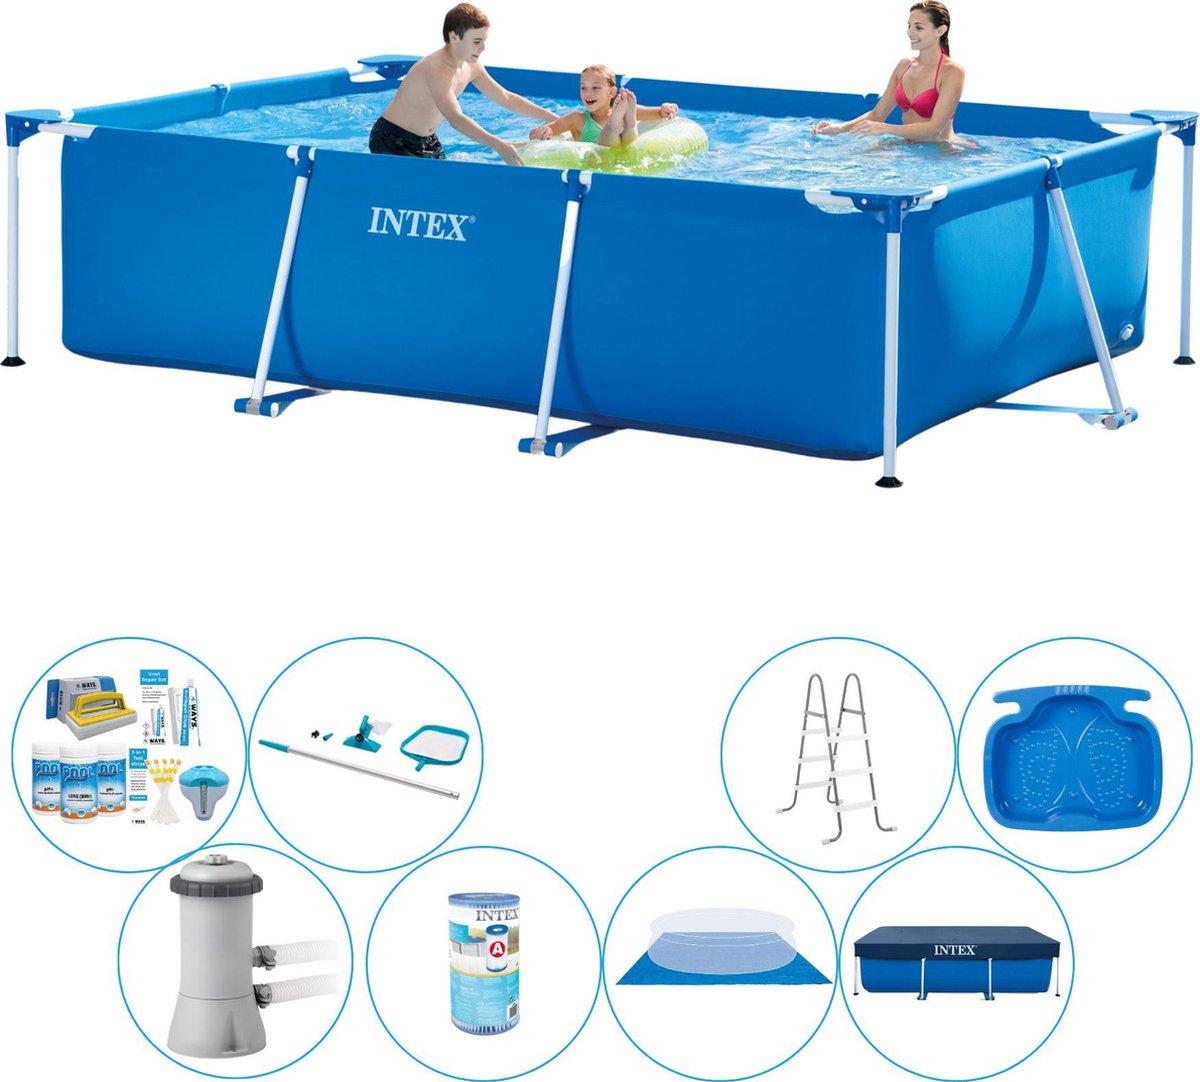 Intex Rechthoekig Zwembad - 300 x 200 x 75 cm - Inclusief toebehoren